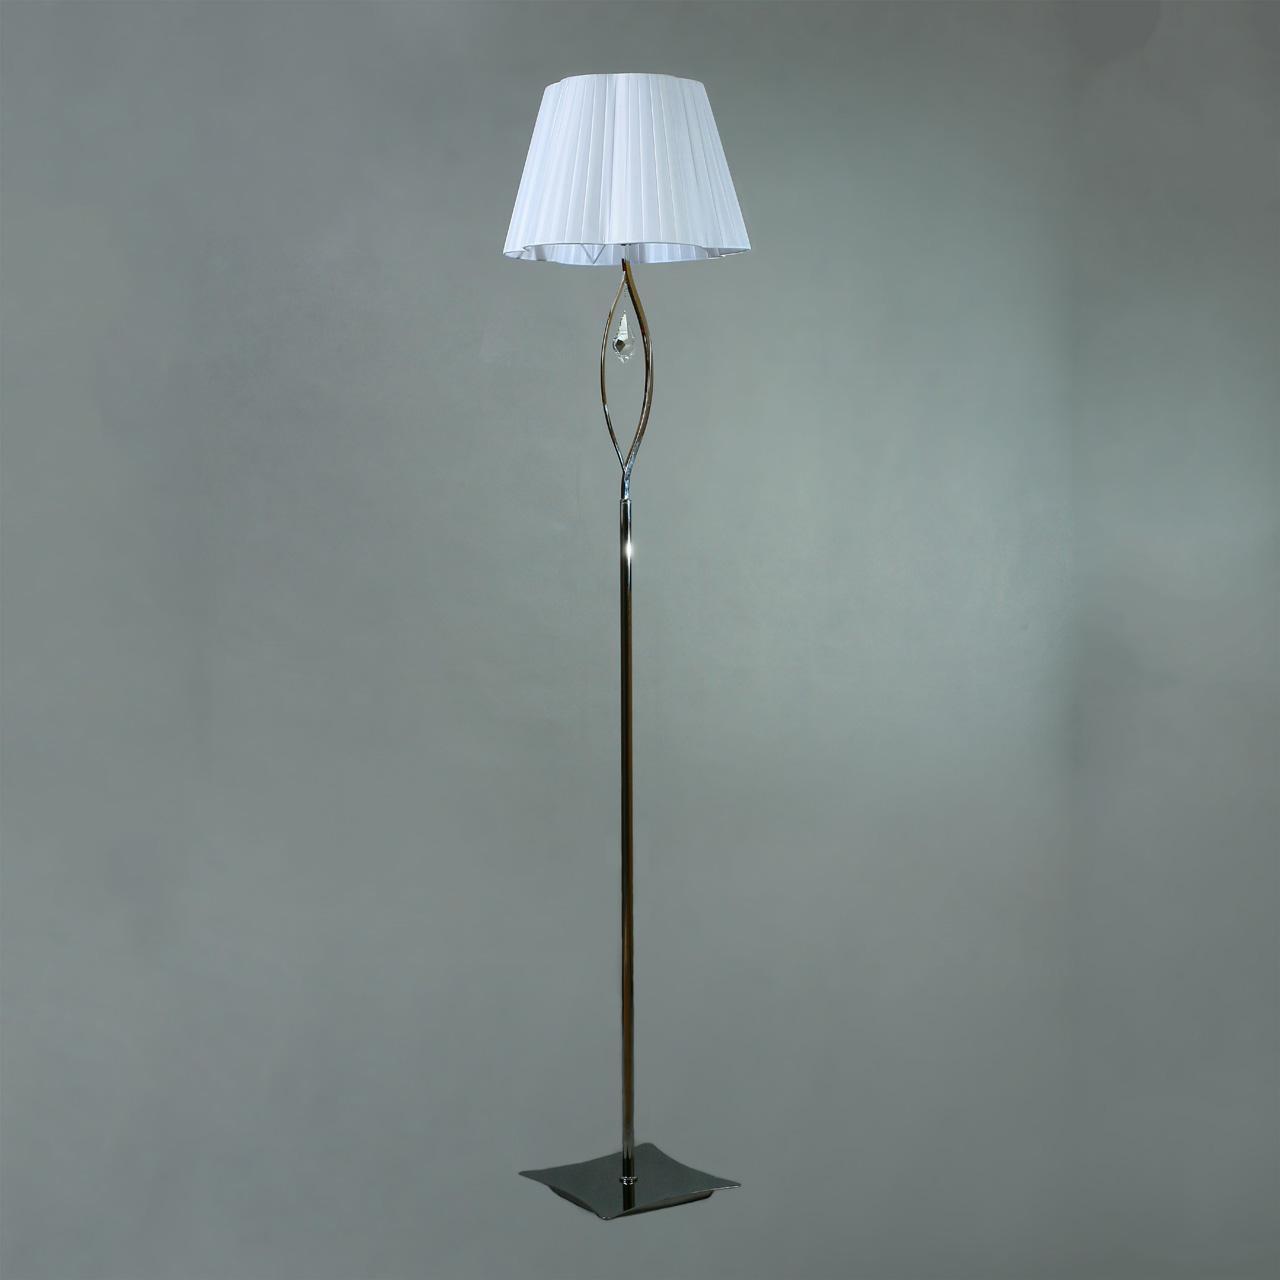 Торшер Brizzi BL 03203/1 Chrome brizzi настольная лампа brizzi bt 03203 1 chrome